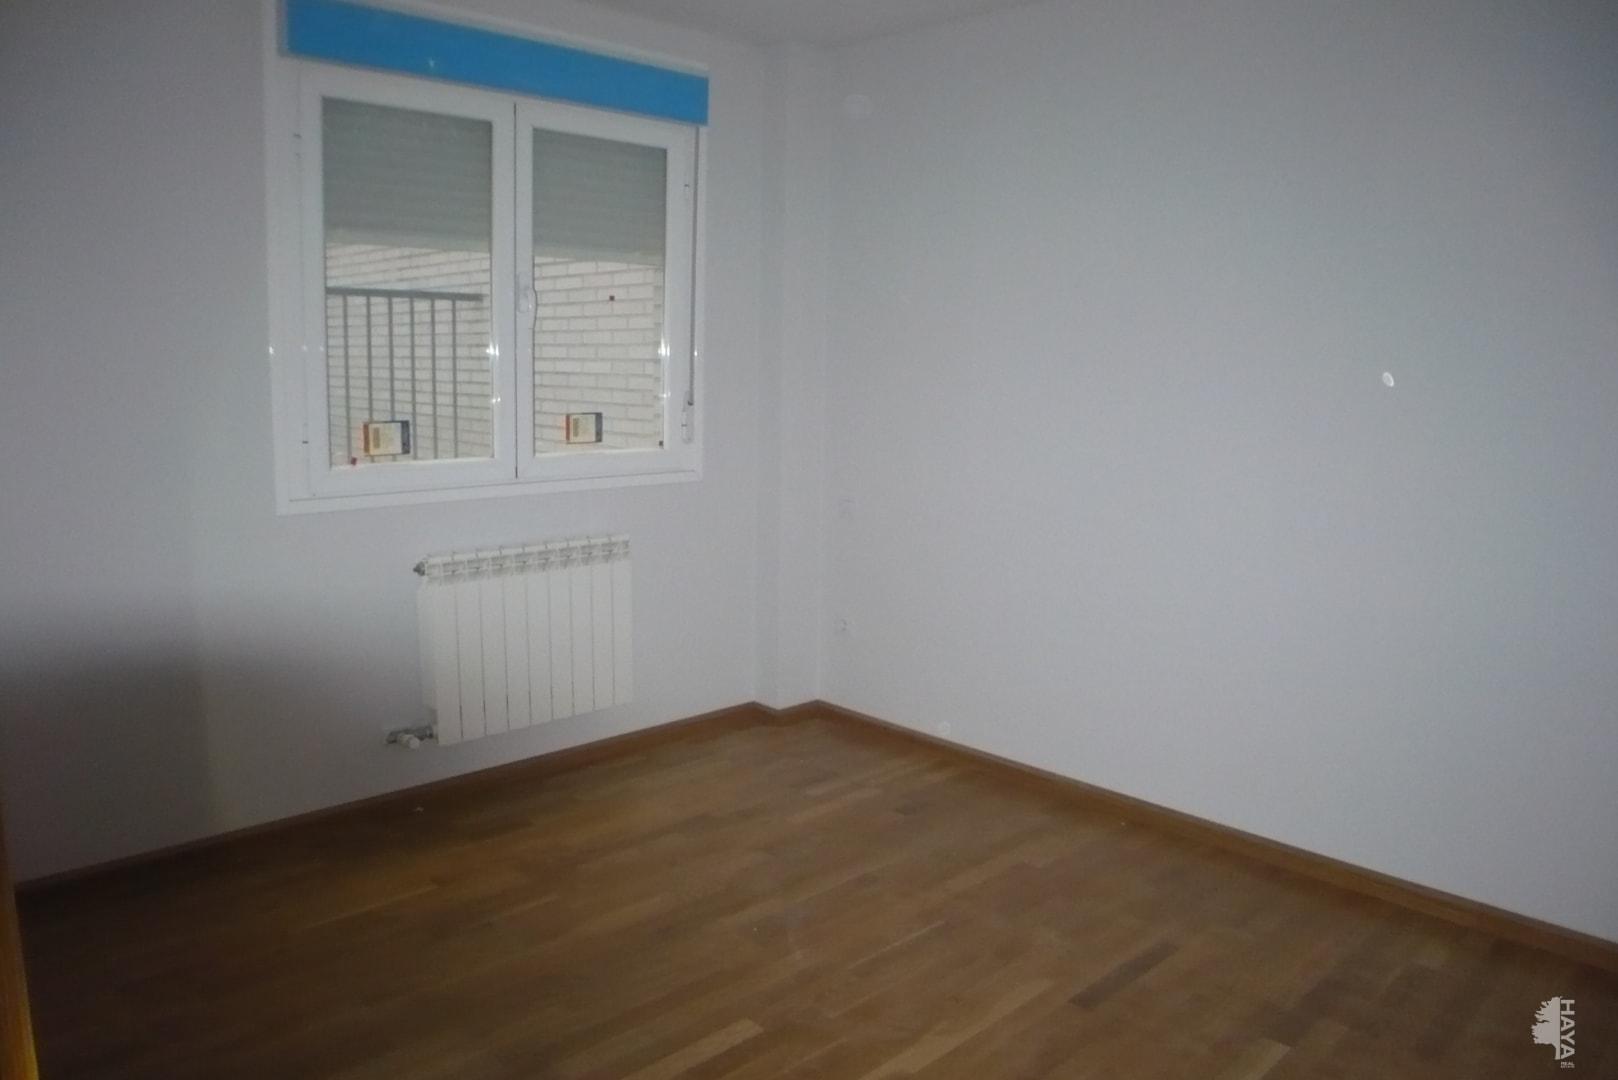 Piso en venta en Piso en Agoncillo, La Rioja, 88.000 €, 3 habitaciones, 2 baños, 1 m2